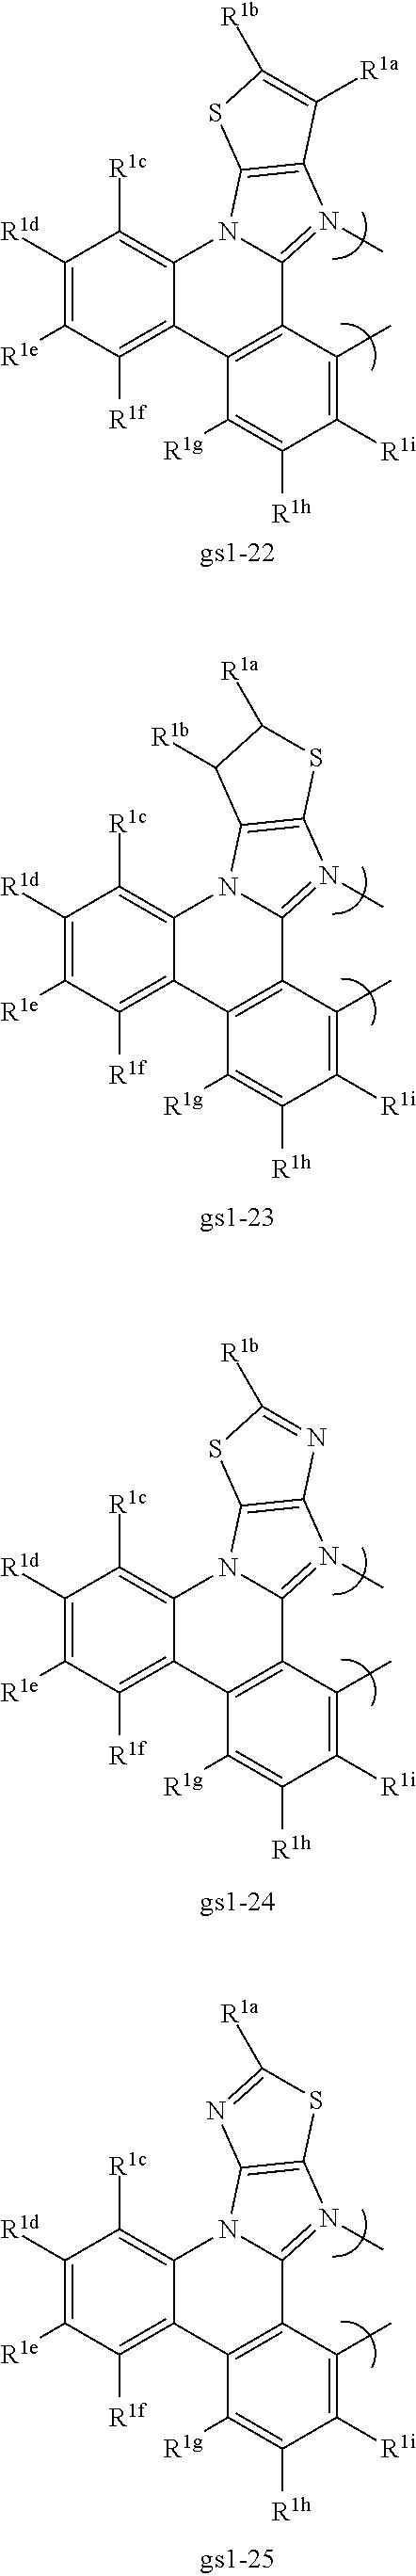 Figure US07915415-20110329-C00184